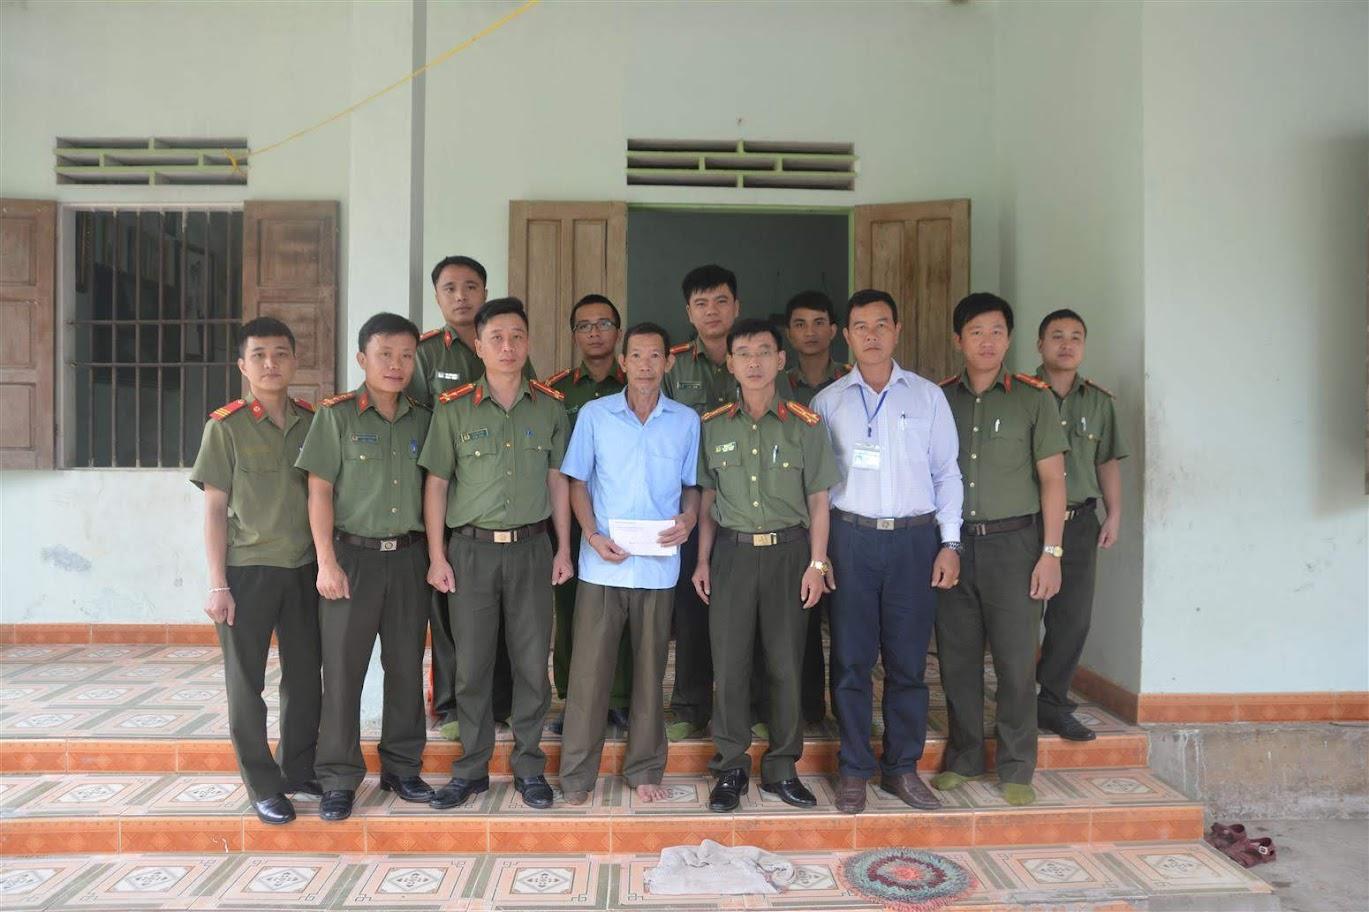 Thăm hỏi, tặng quà thương binh Vi Văn Đồng, 74 tuổi, là thương binh hạng 3/4, hiện sinh sống tại bản Cỏ Nong